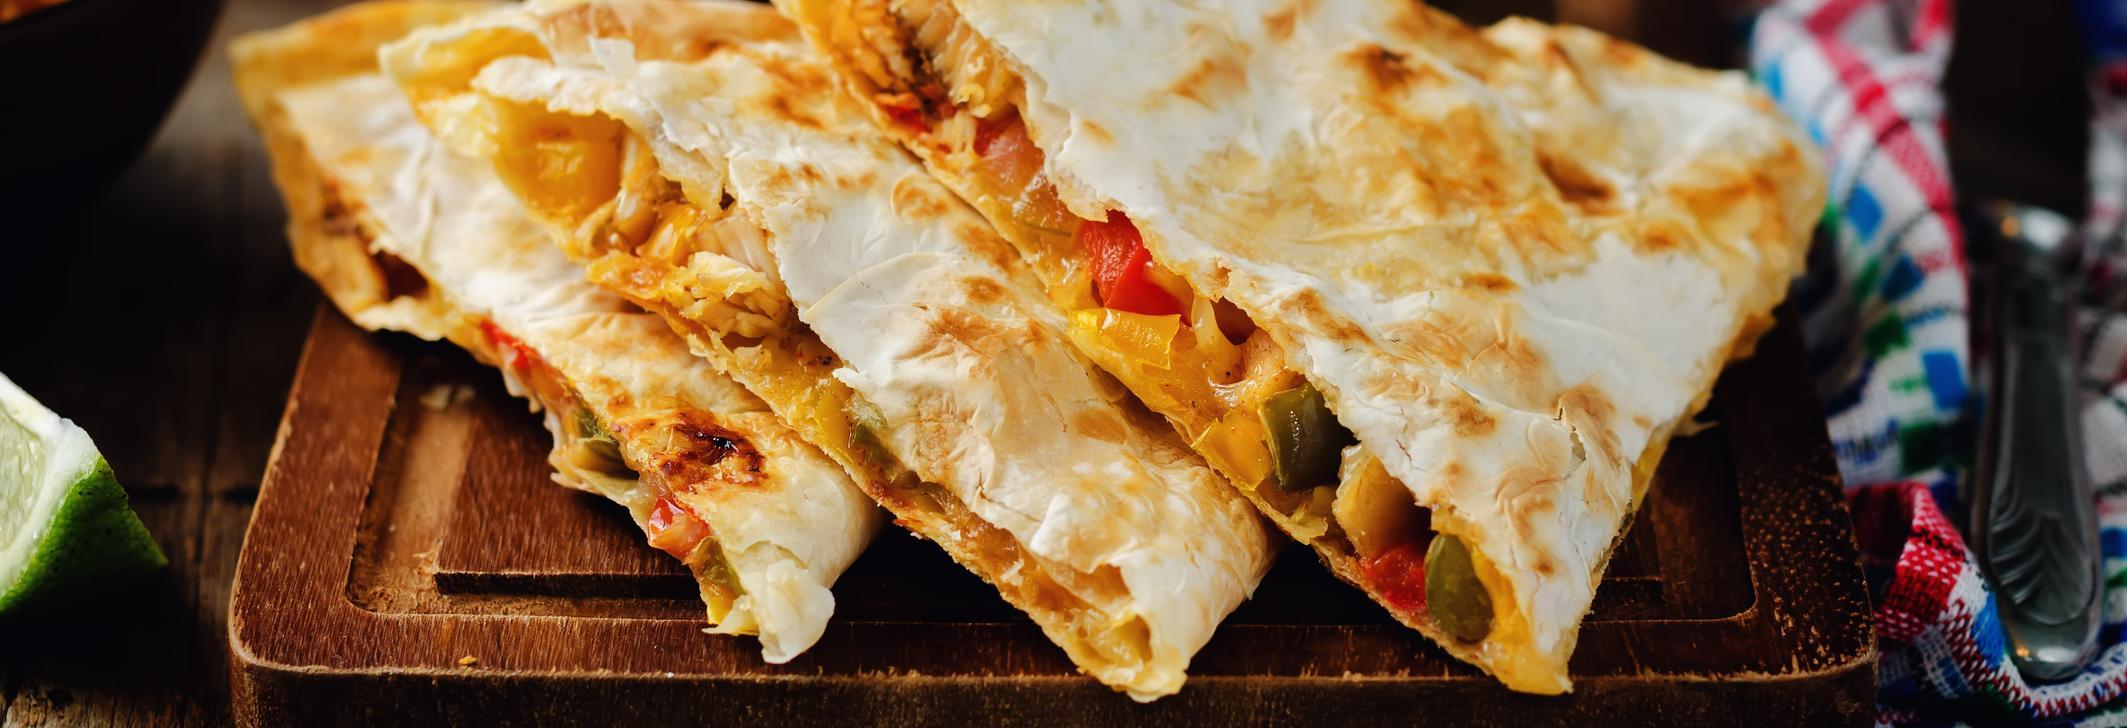 el caporal mexican restaurant liberty township mason ohio mexican food